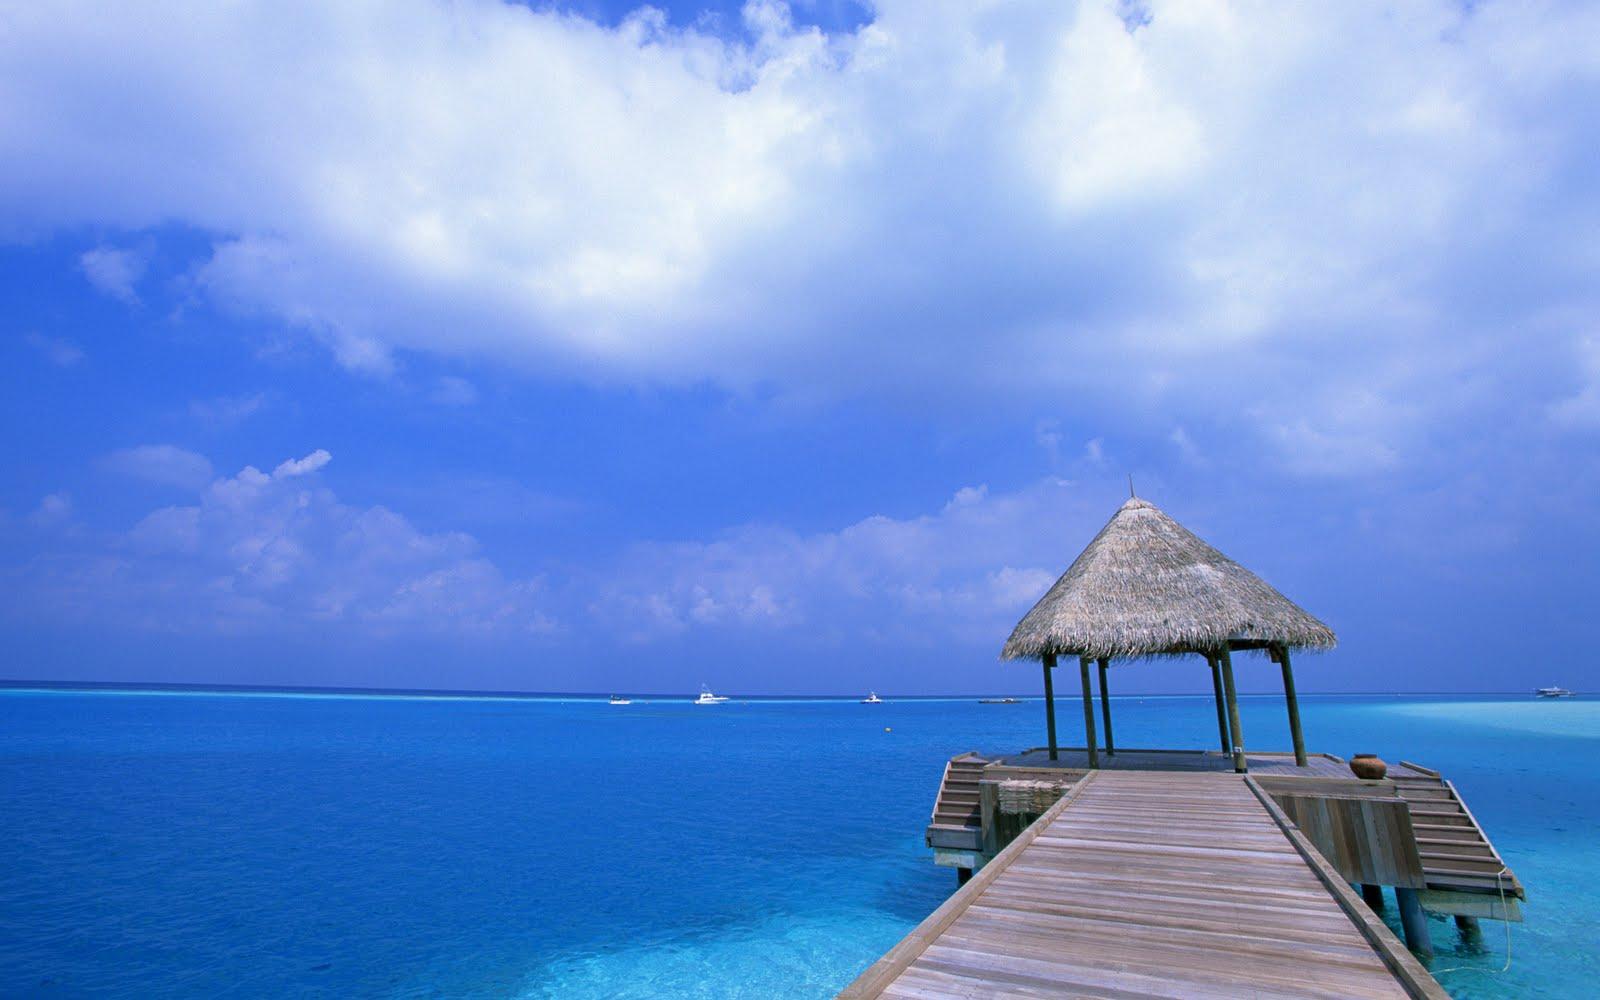 http://1.bp.blogspot.com/_lZ0PjAyUf4I/TFE_V37a4cI/AAAAAAAAE68/HSNHe0C1pwg/s1600/Maldive+%285%29.jpg